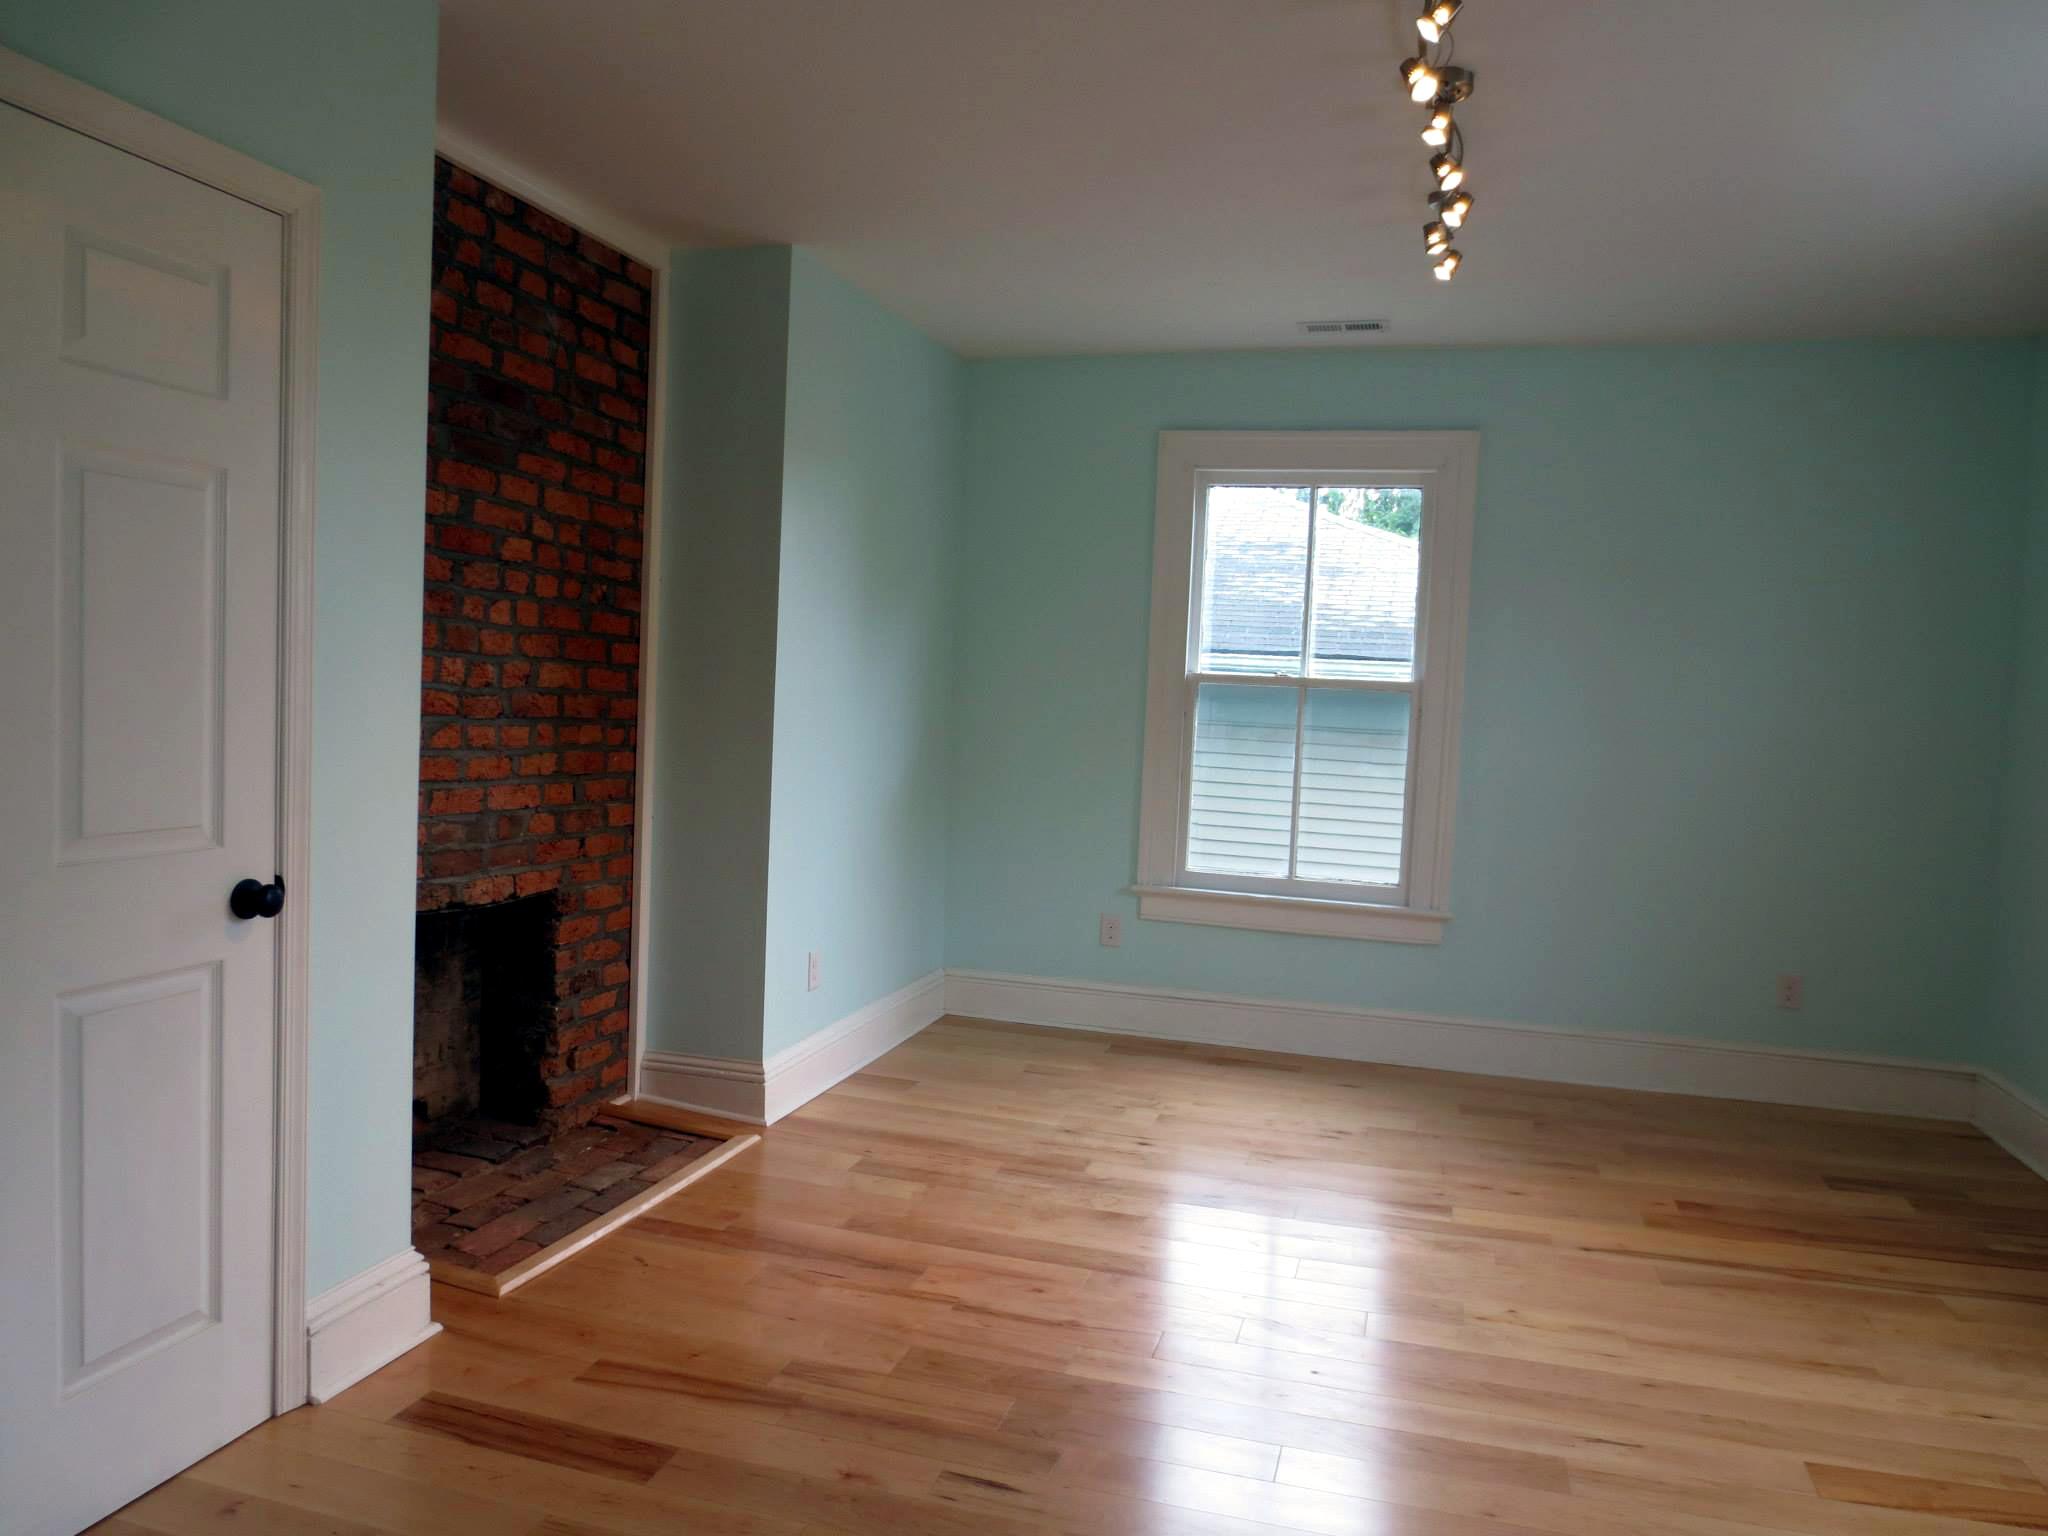 619 frederick st after renovation - bedroom